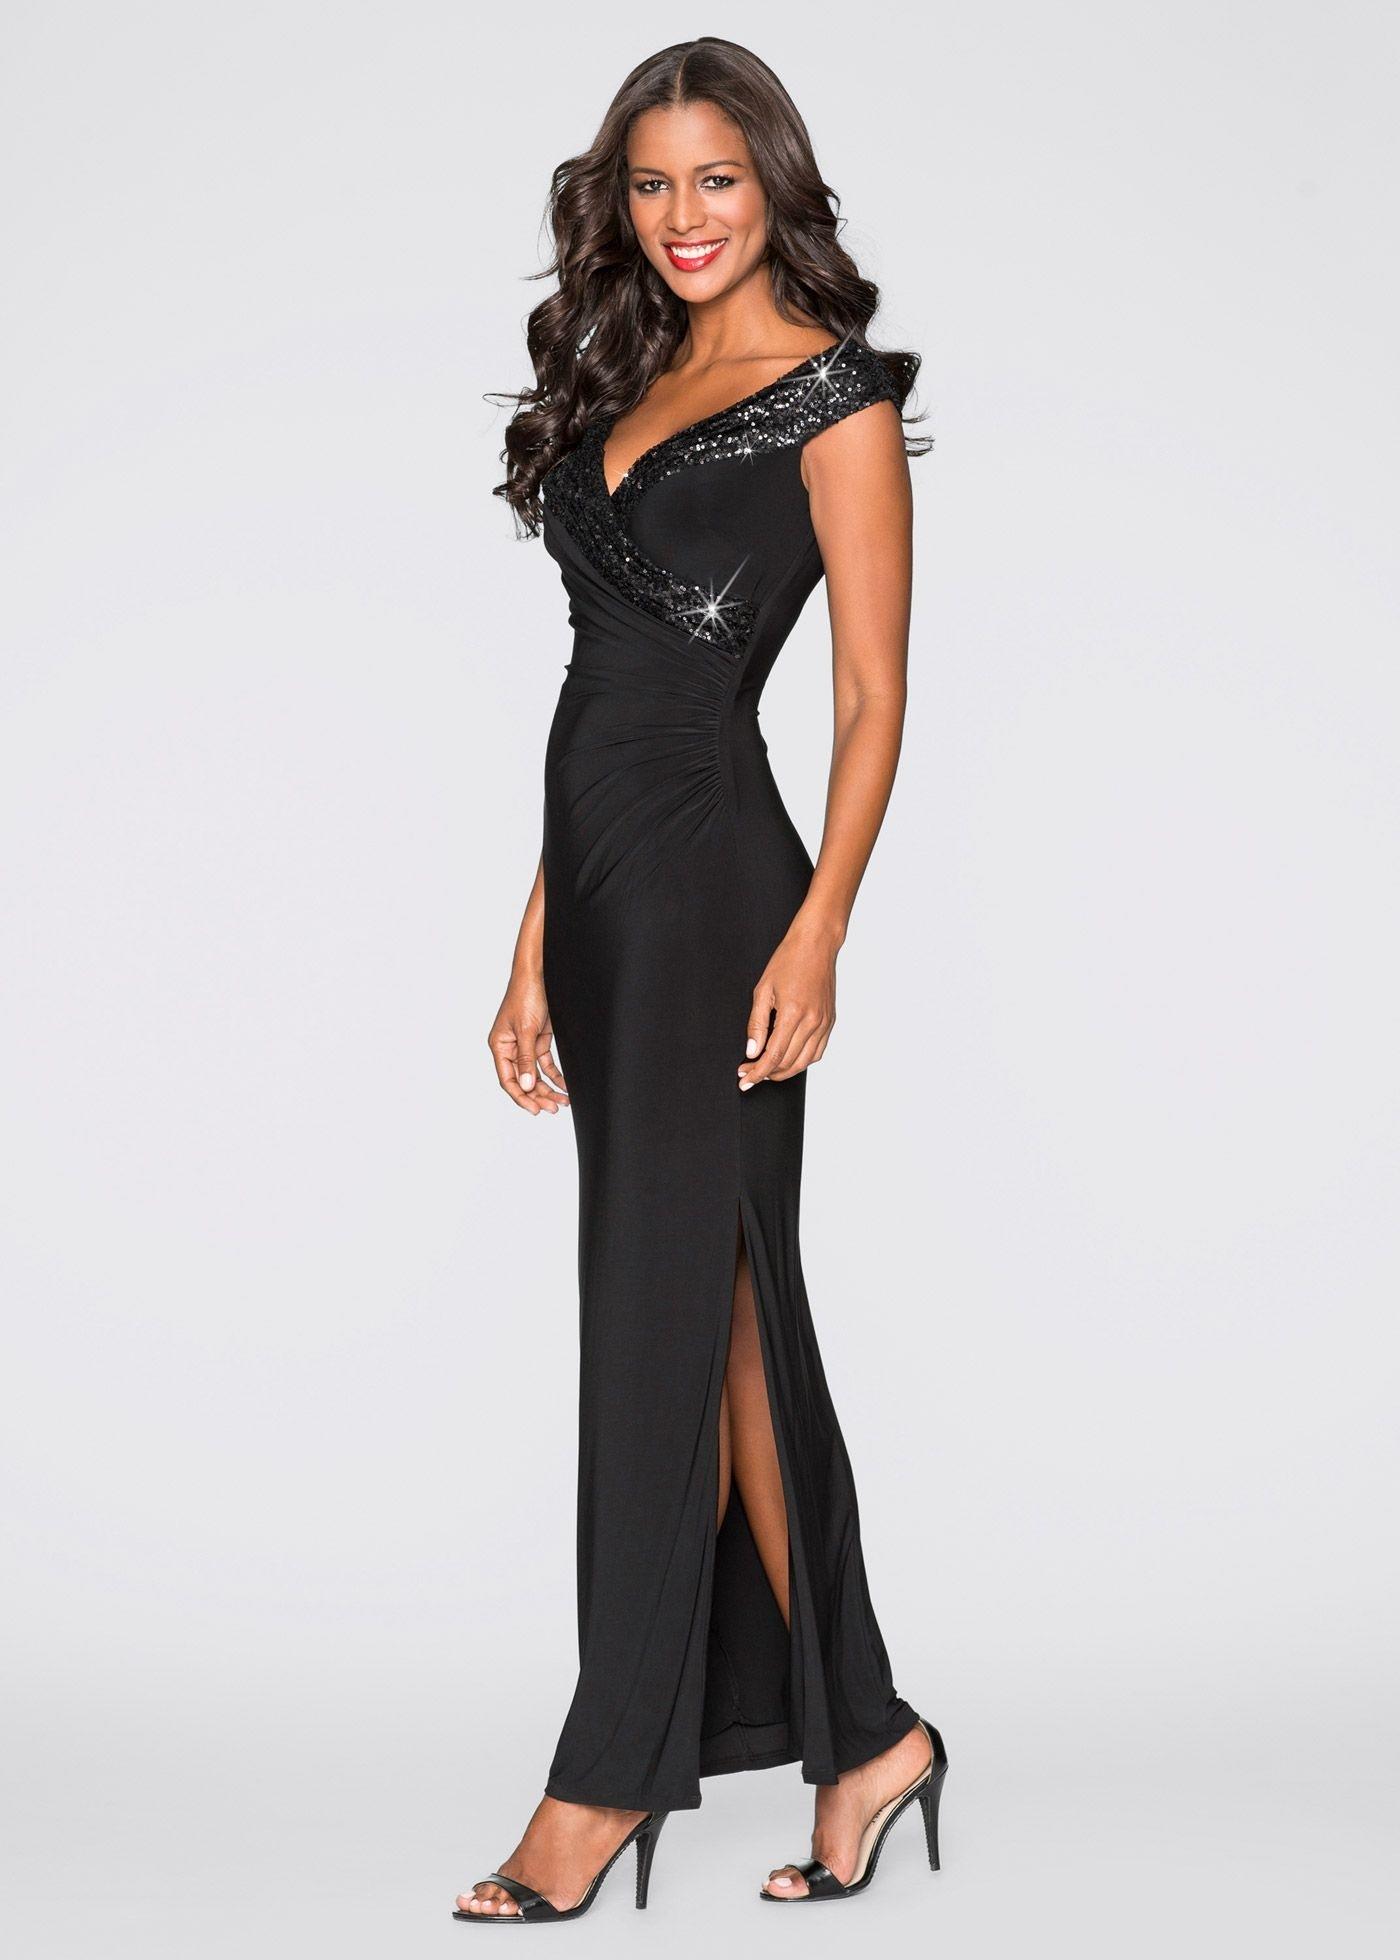 Abend Kreativ Die Schönsten Abendkleider Online Kaufen Boutique20 Top Die Schönsten Abendkleider Online Kaufen Design